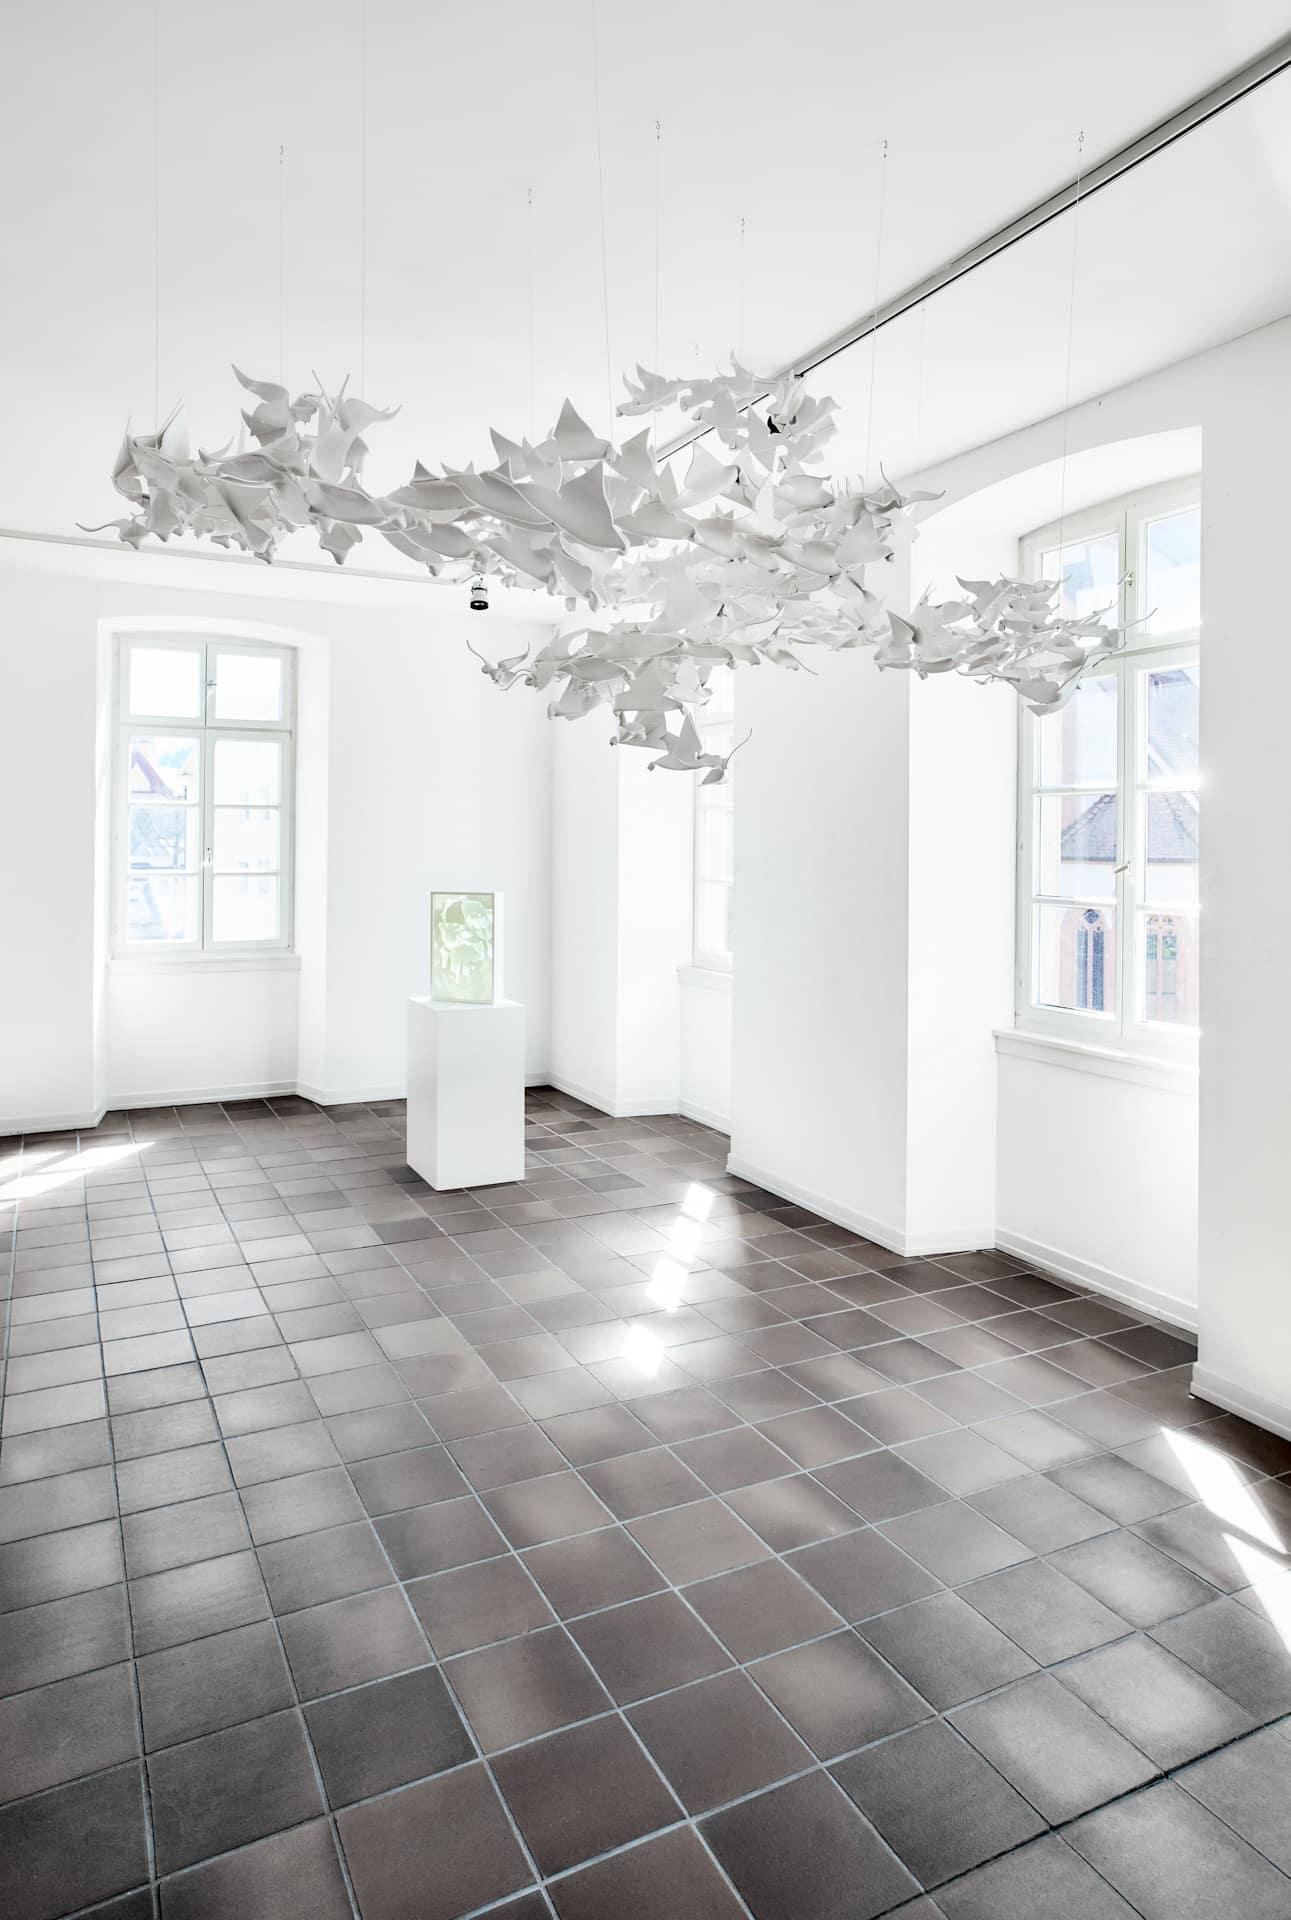 EberhardFreudenreich_Ausstellung-AltesDampfbad_122857a